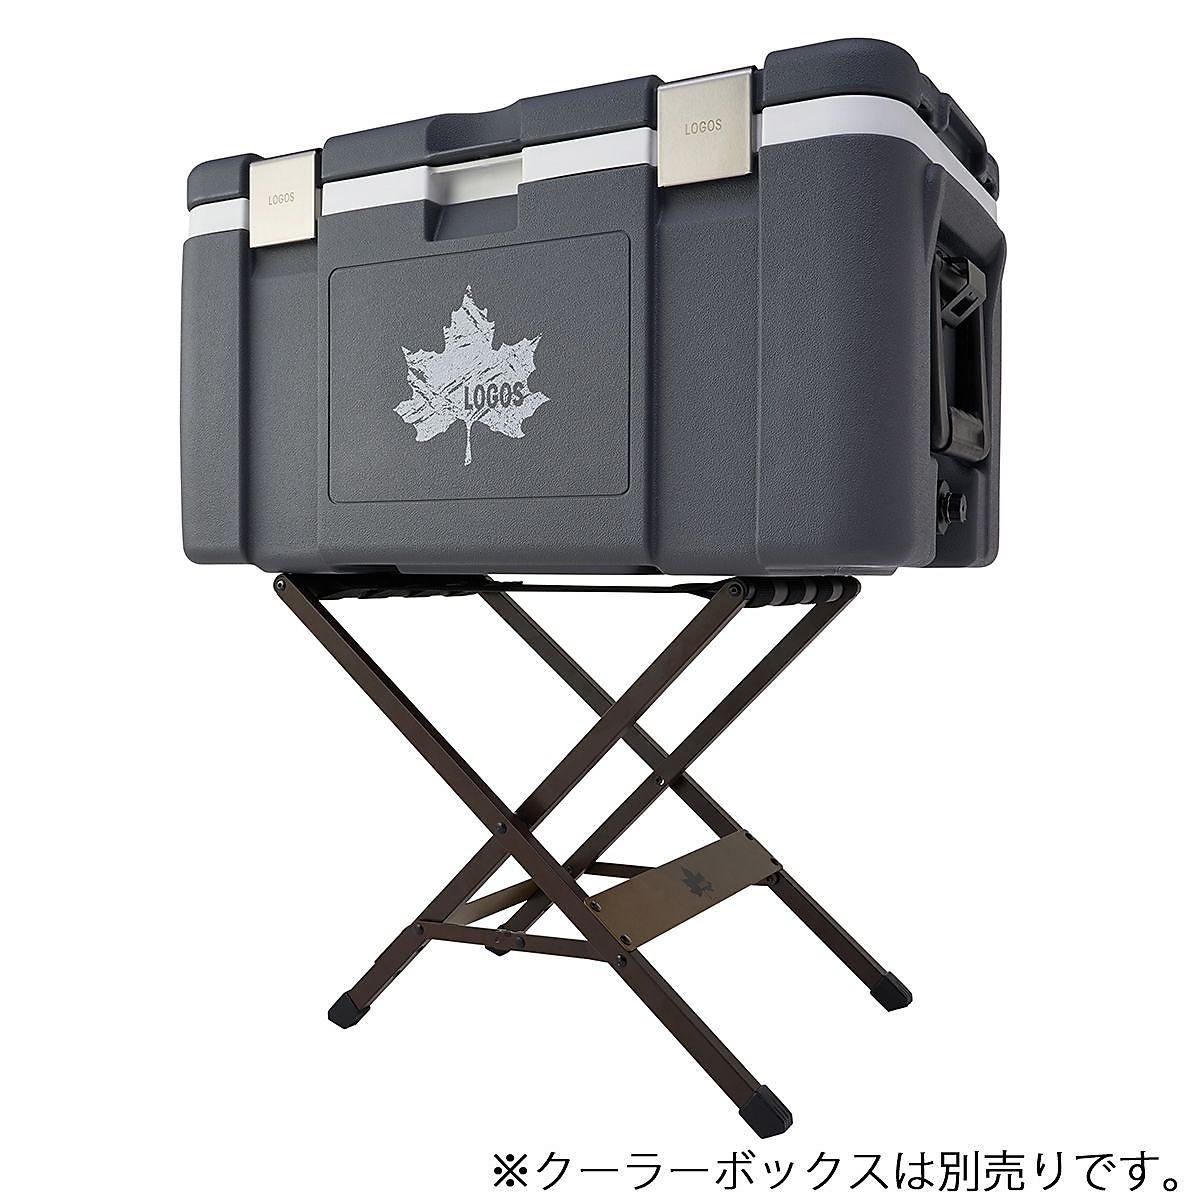 ロゴス キャンプ用品 出荷 クーラーボックス 保冷剤 フラットクーラースタンド LOGOS 贈物 73188012 その他